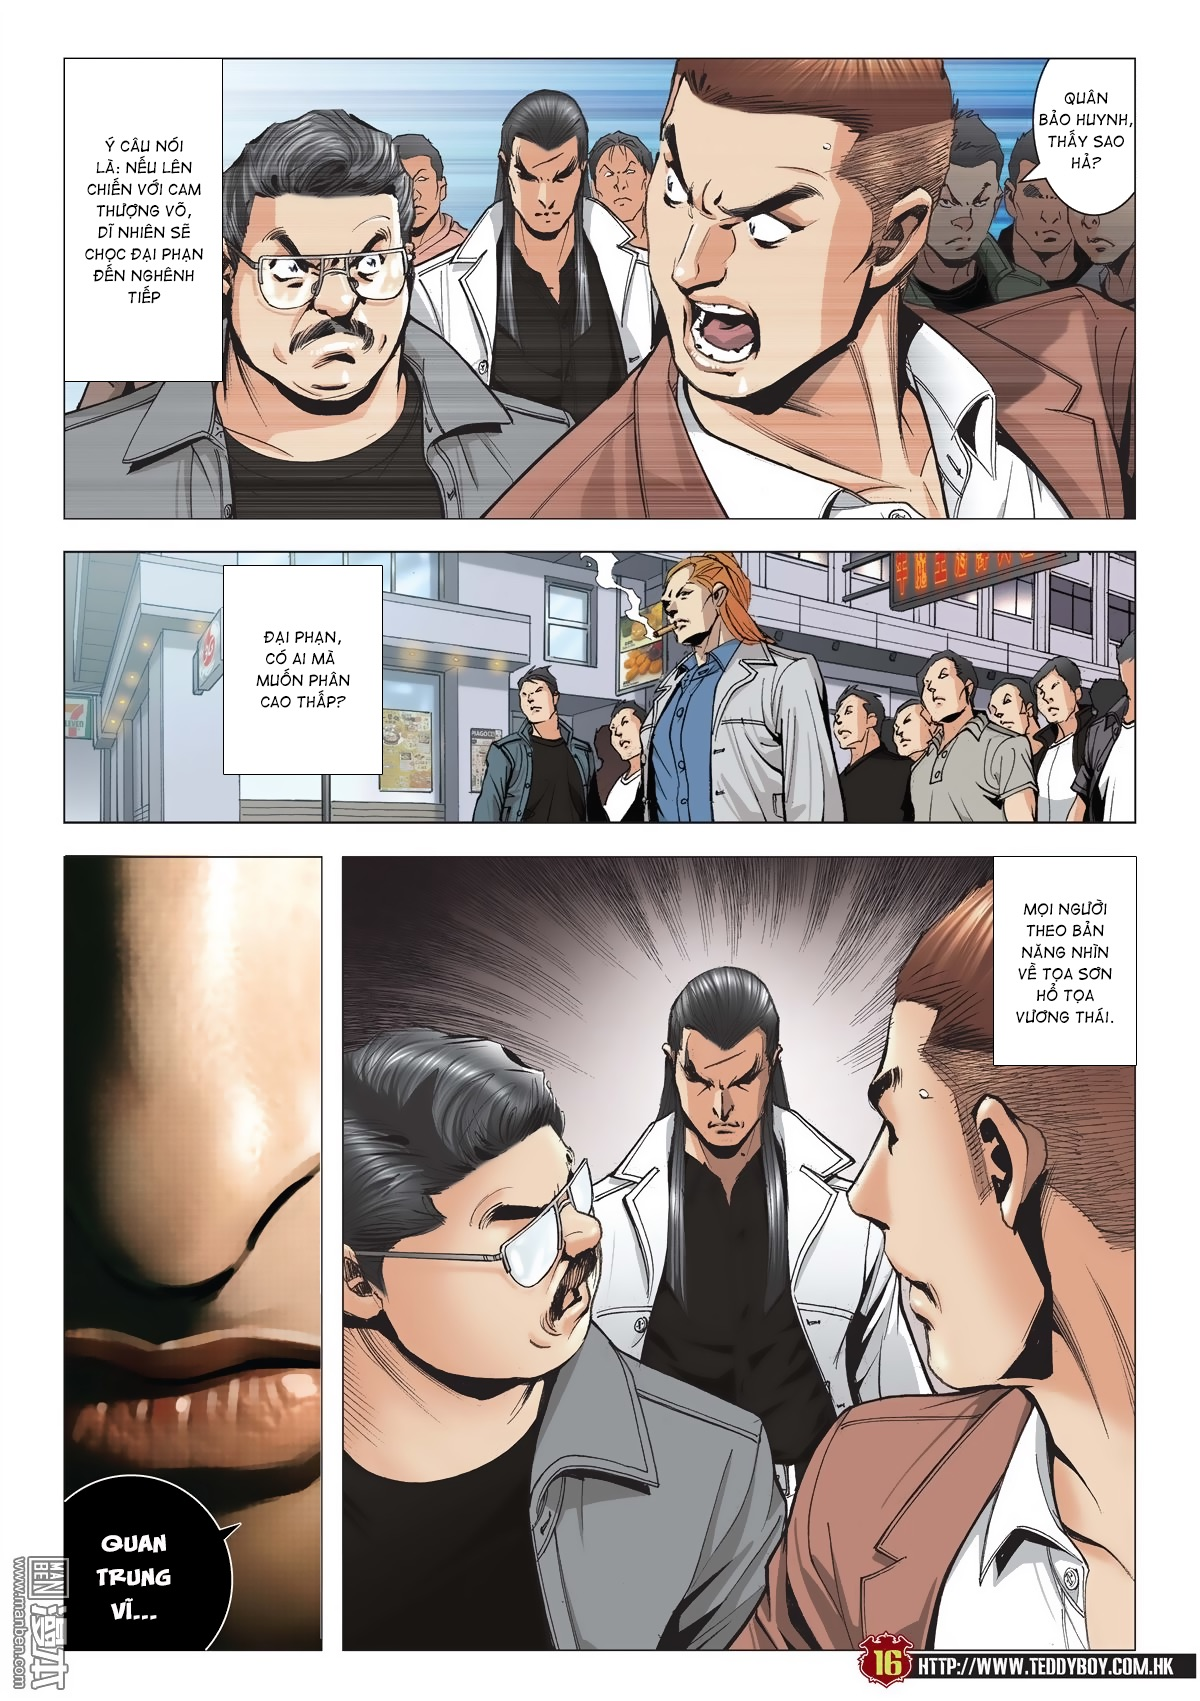 Người Trong Giang Hồ chapter 2015: tọa sơn hổ vs đại phạn trang 13